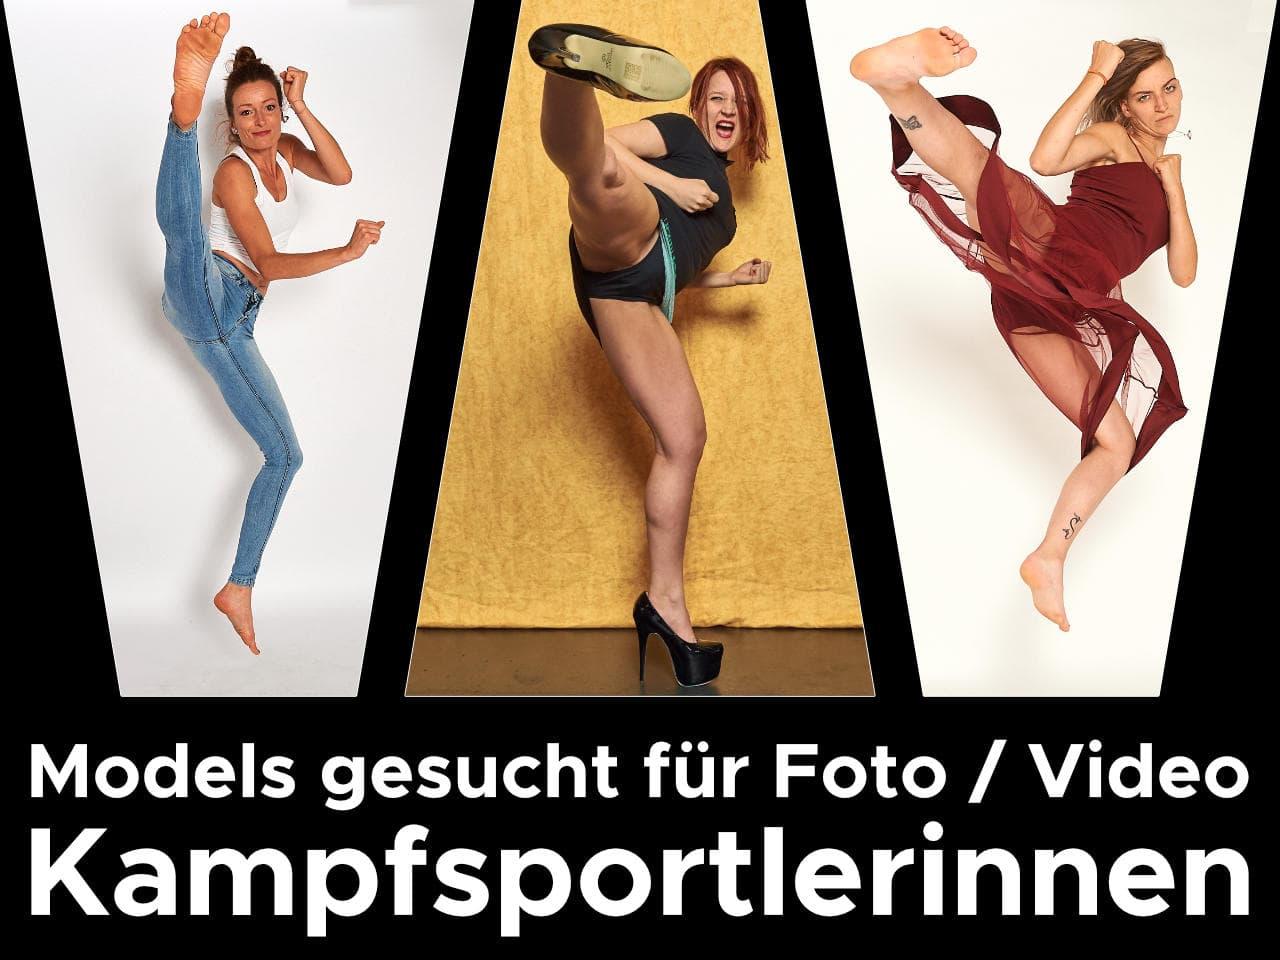 KGZ Media - Kampfsportlerinnen Models gesucht